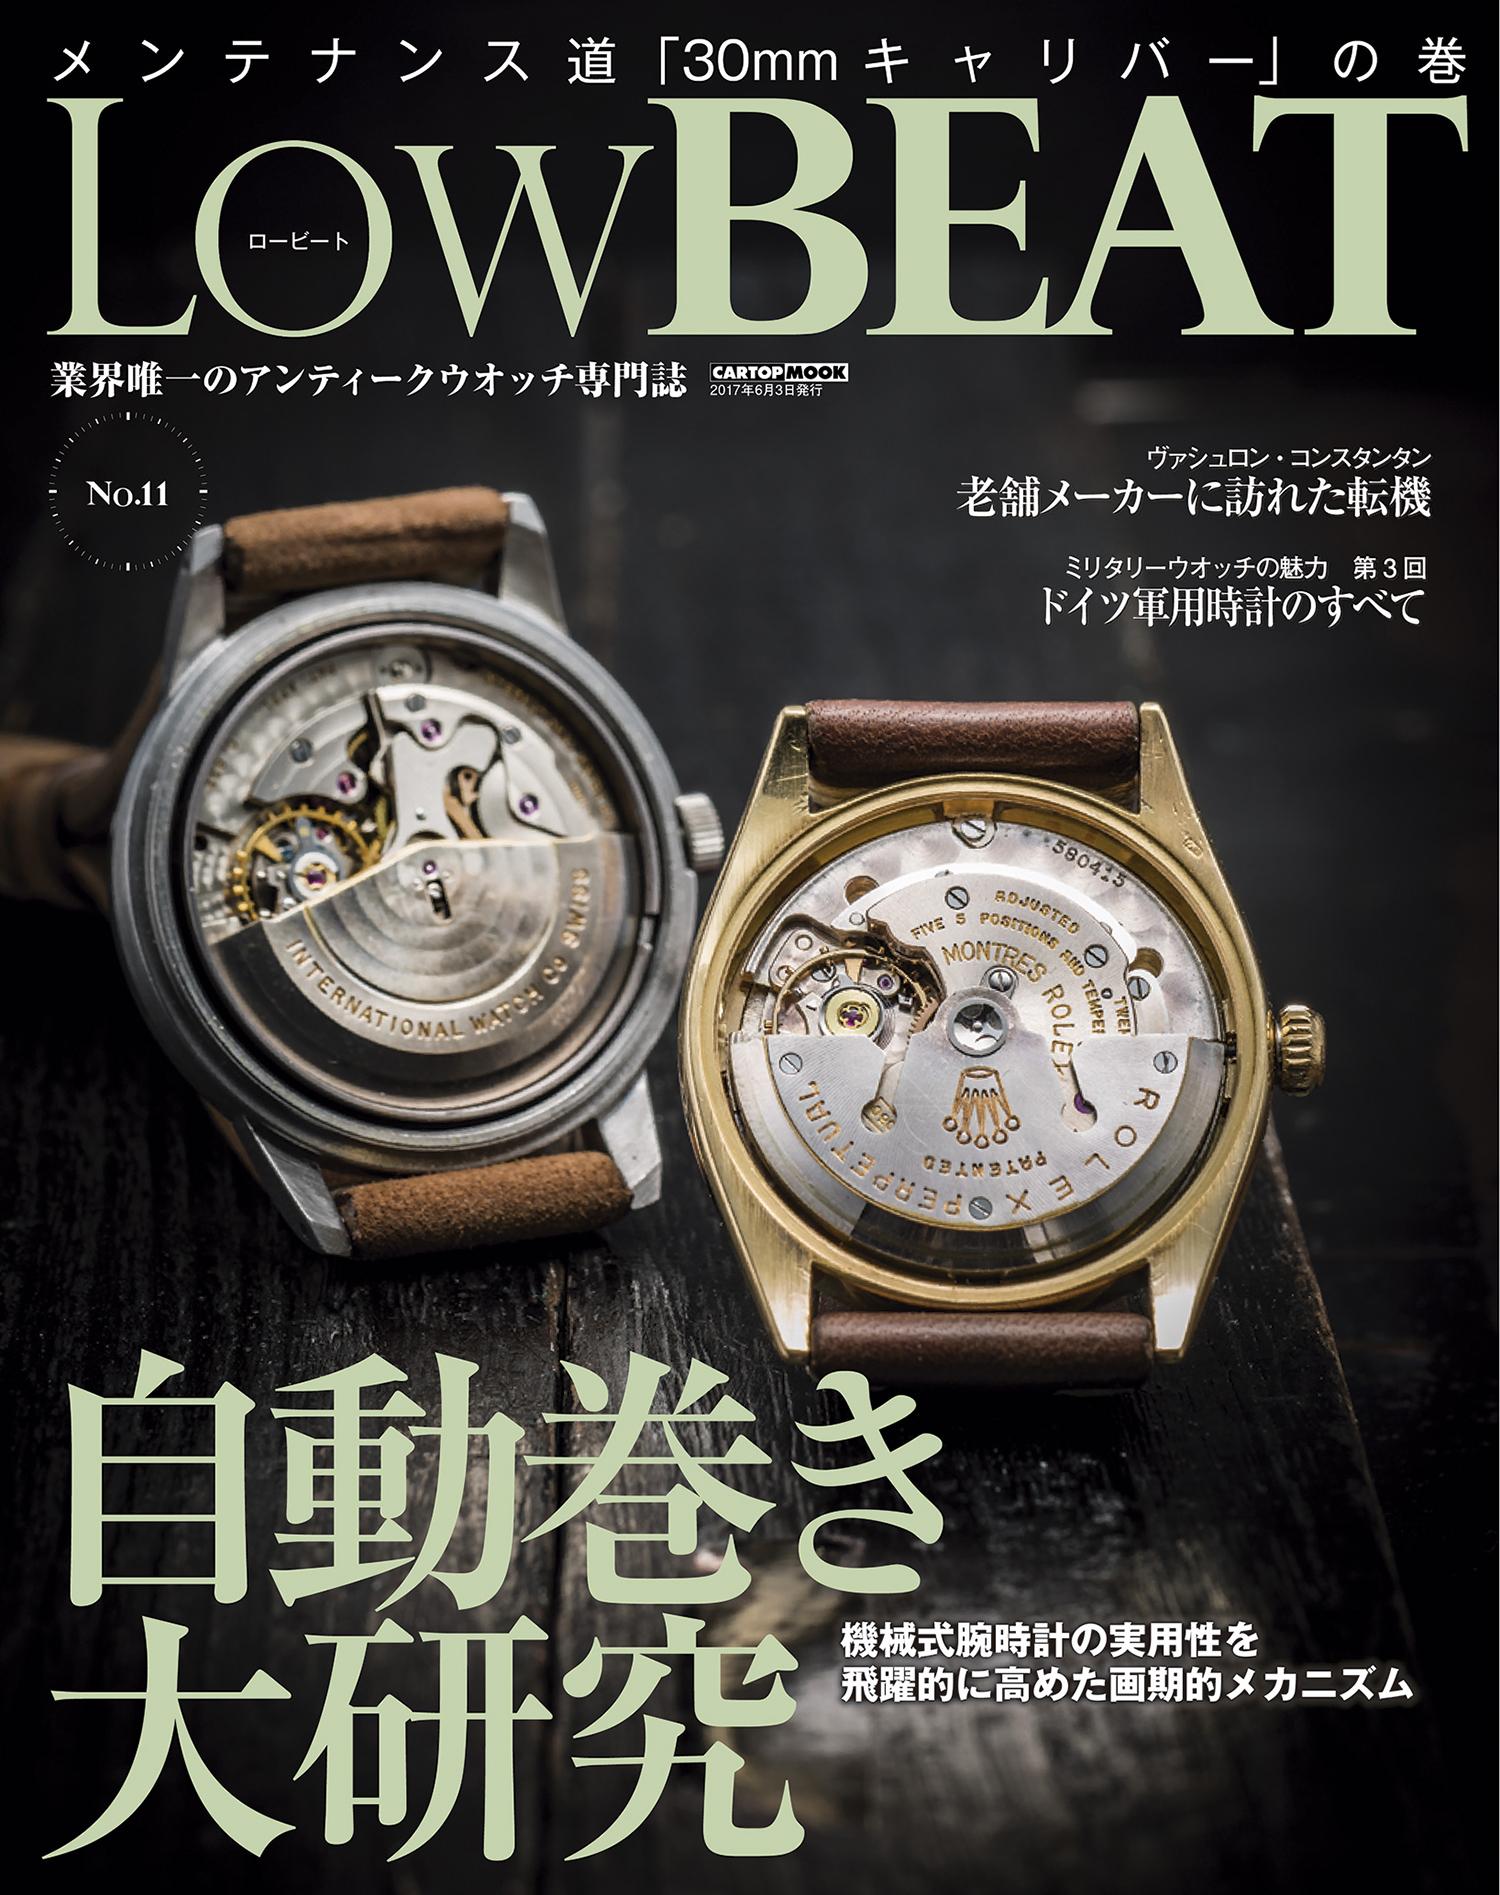 C's-Factory|書籍|LowBEAT No.11